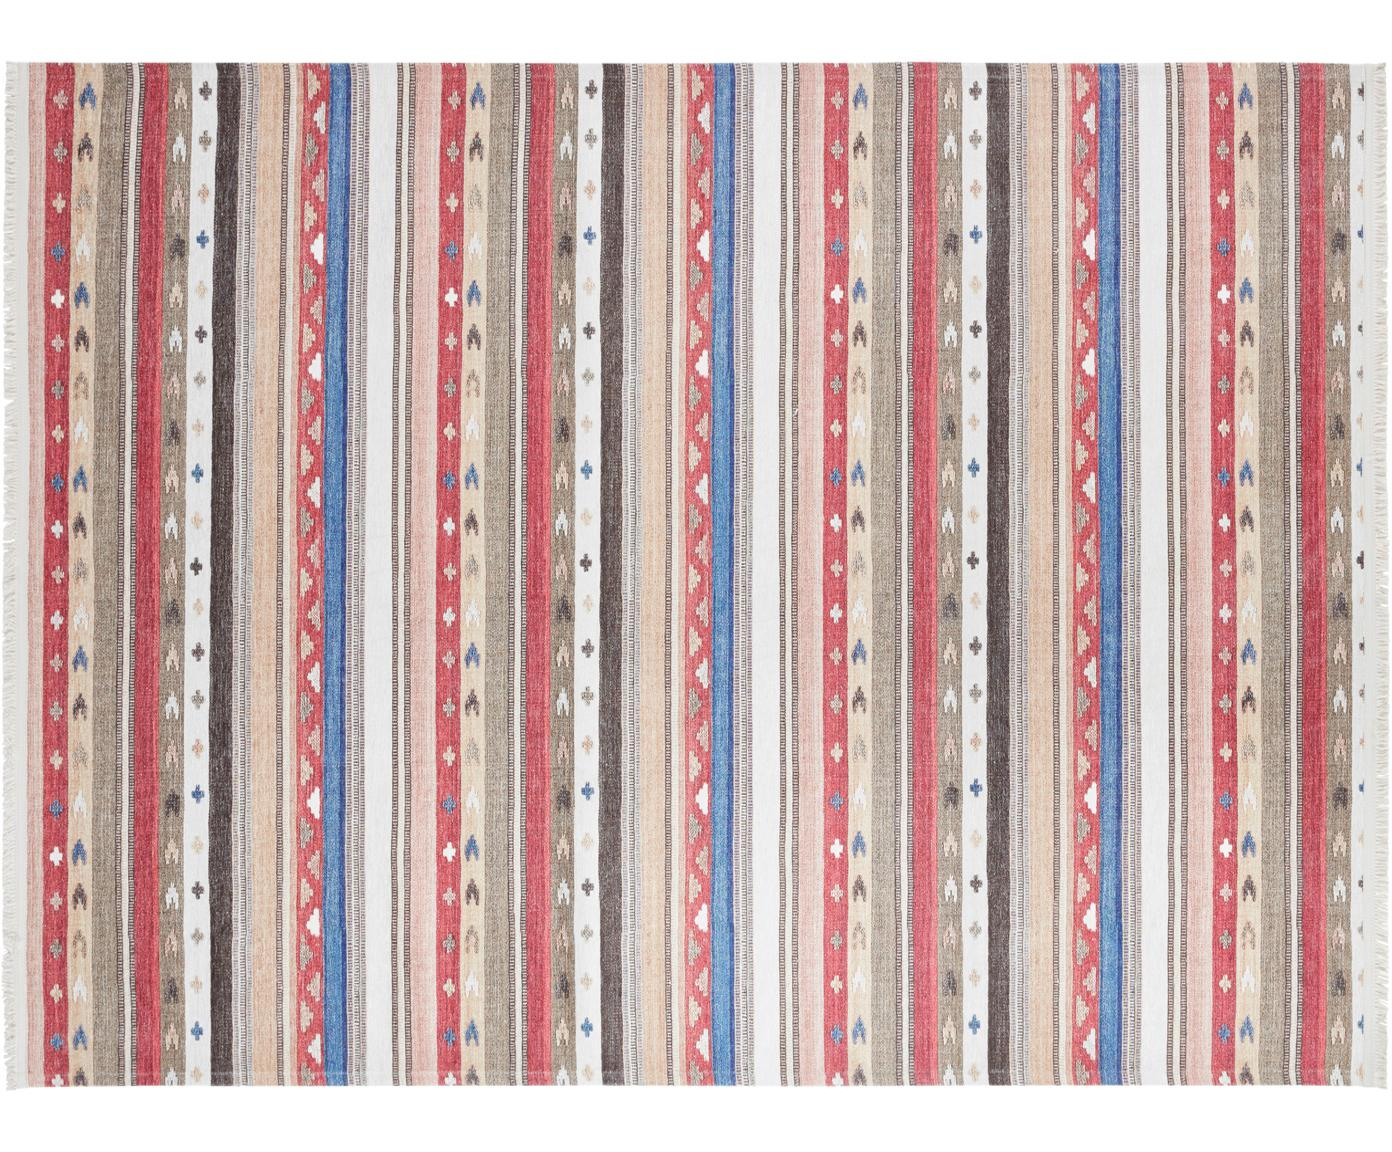 Teppich Senon im Orientstyle, Flor: 50%Polyester, 50%Baumwo, Mehrfarbig, B 120 x L 160 cm (Grösse S)